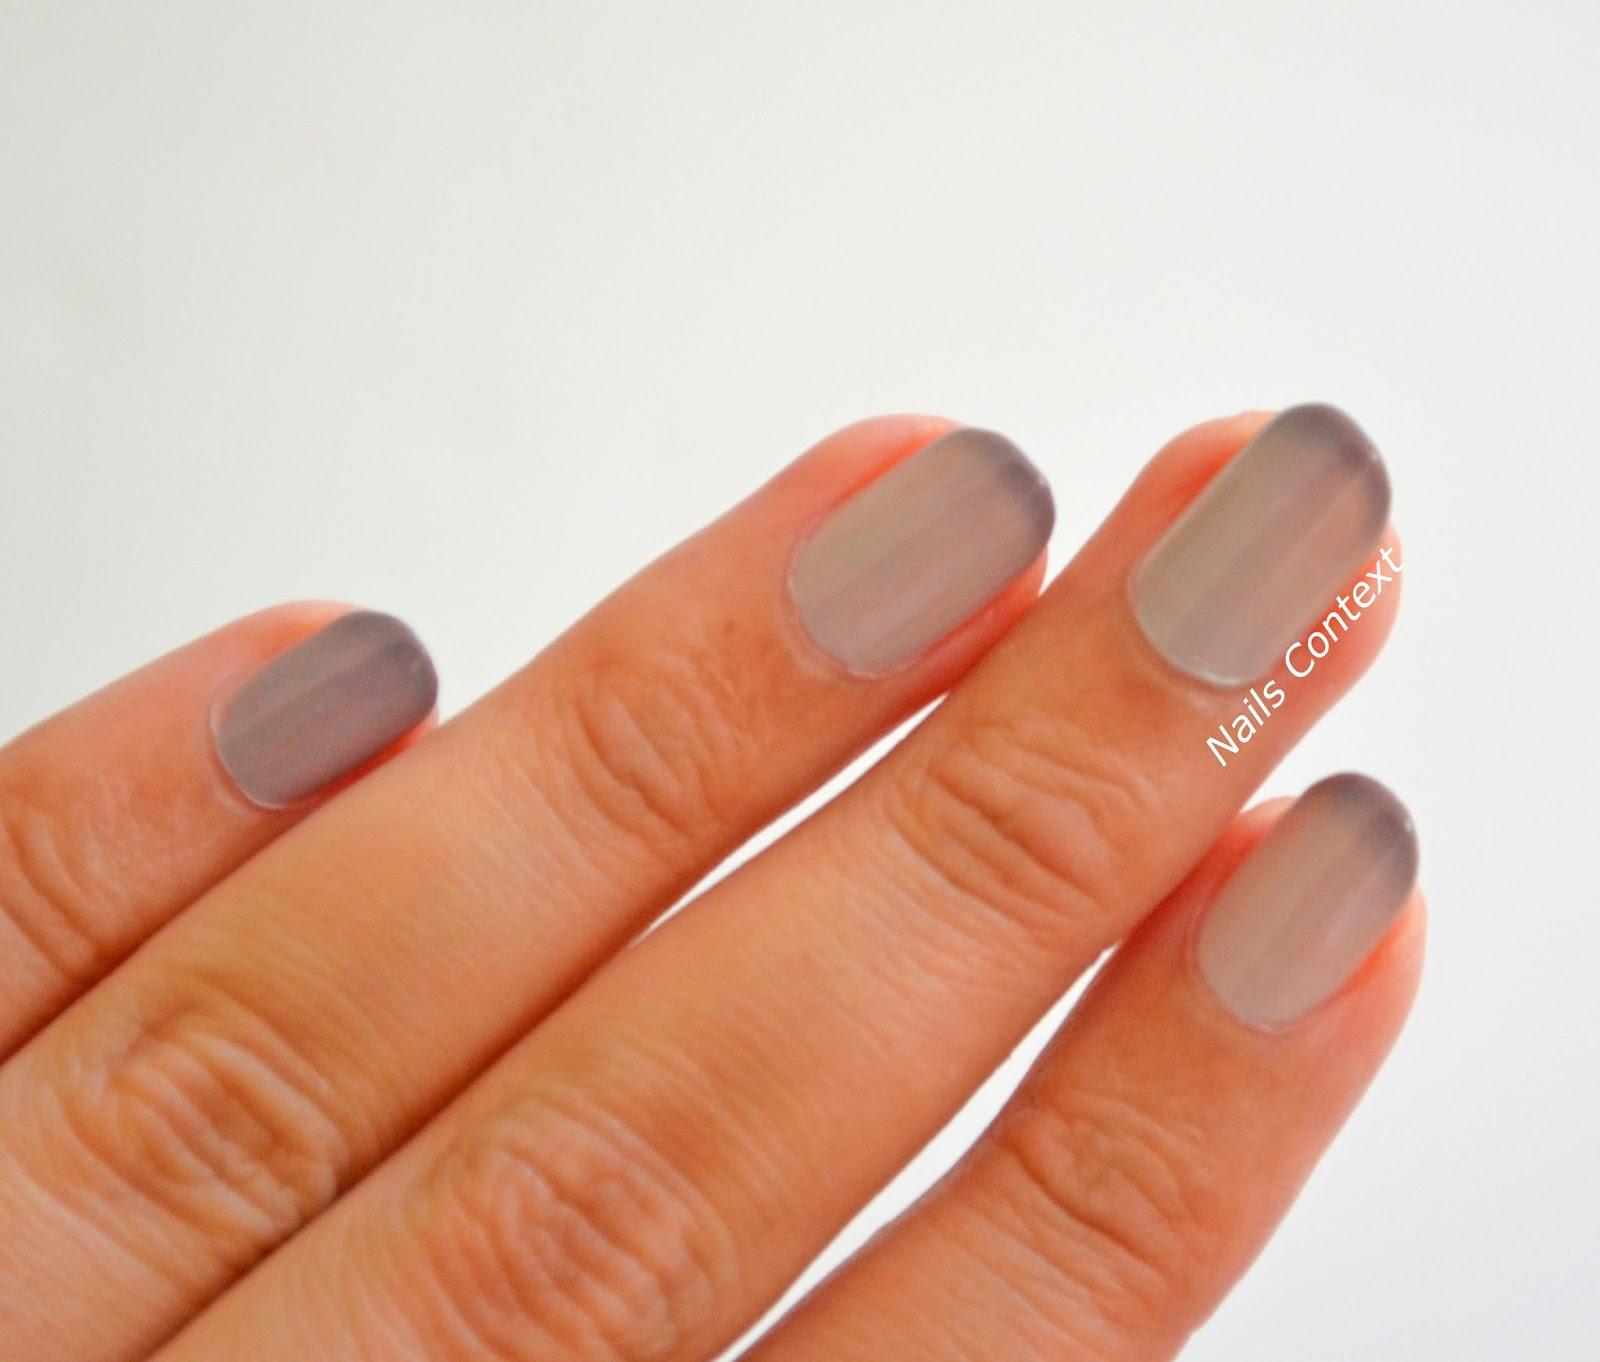 Nails Context: July 2017